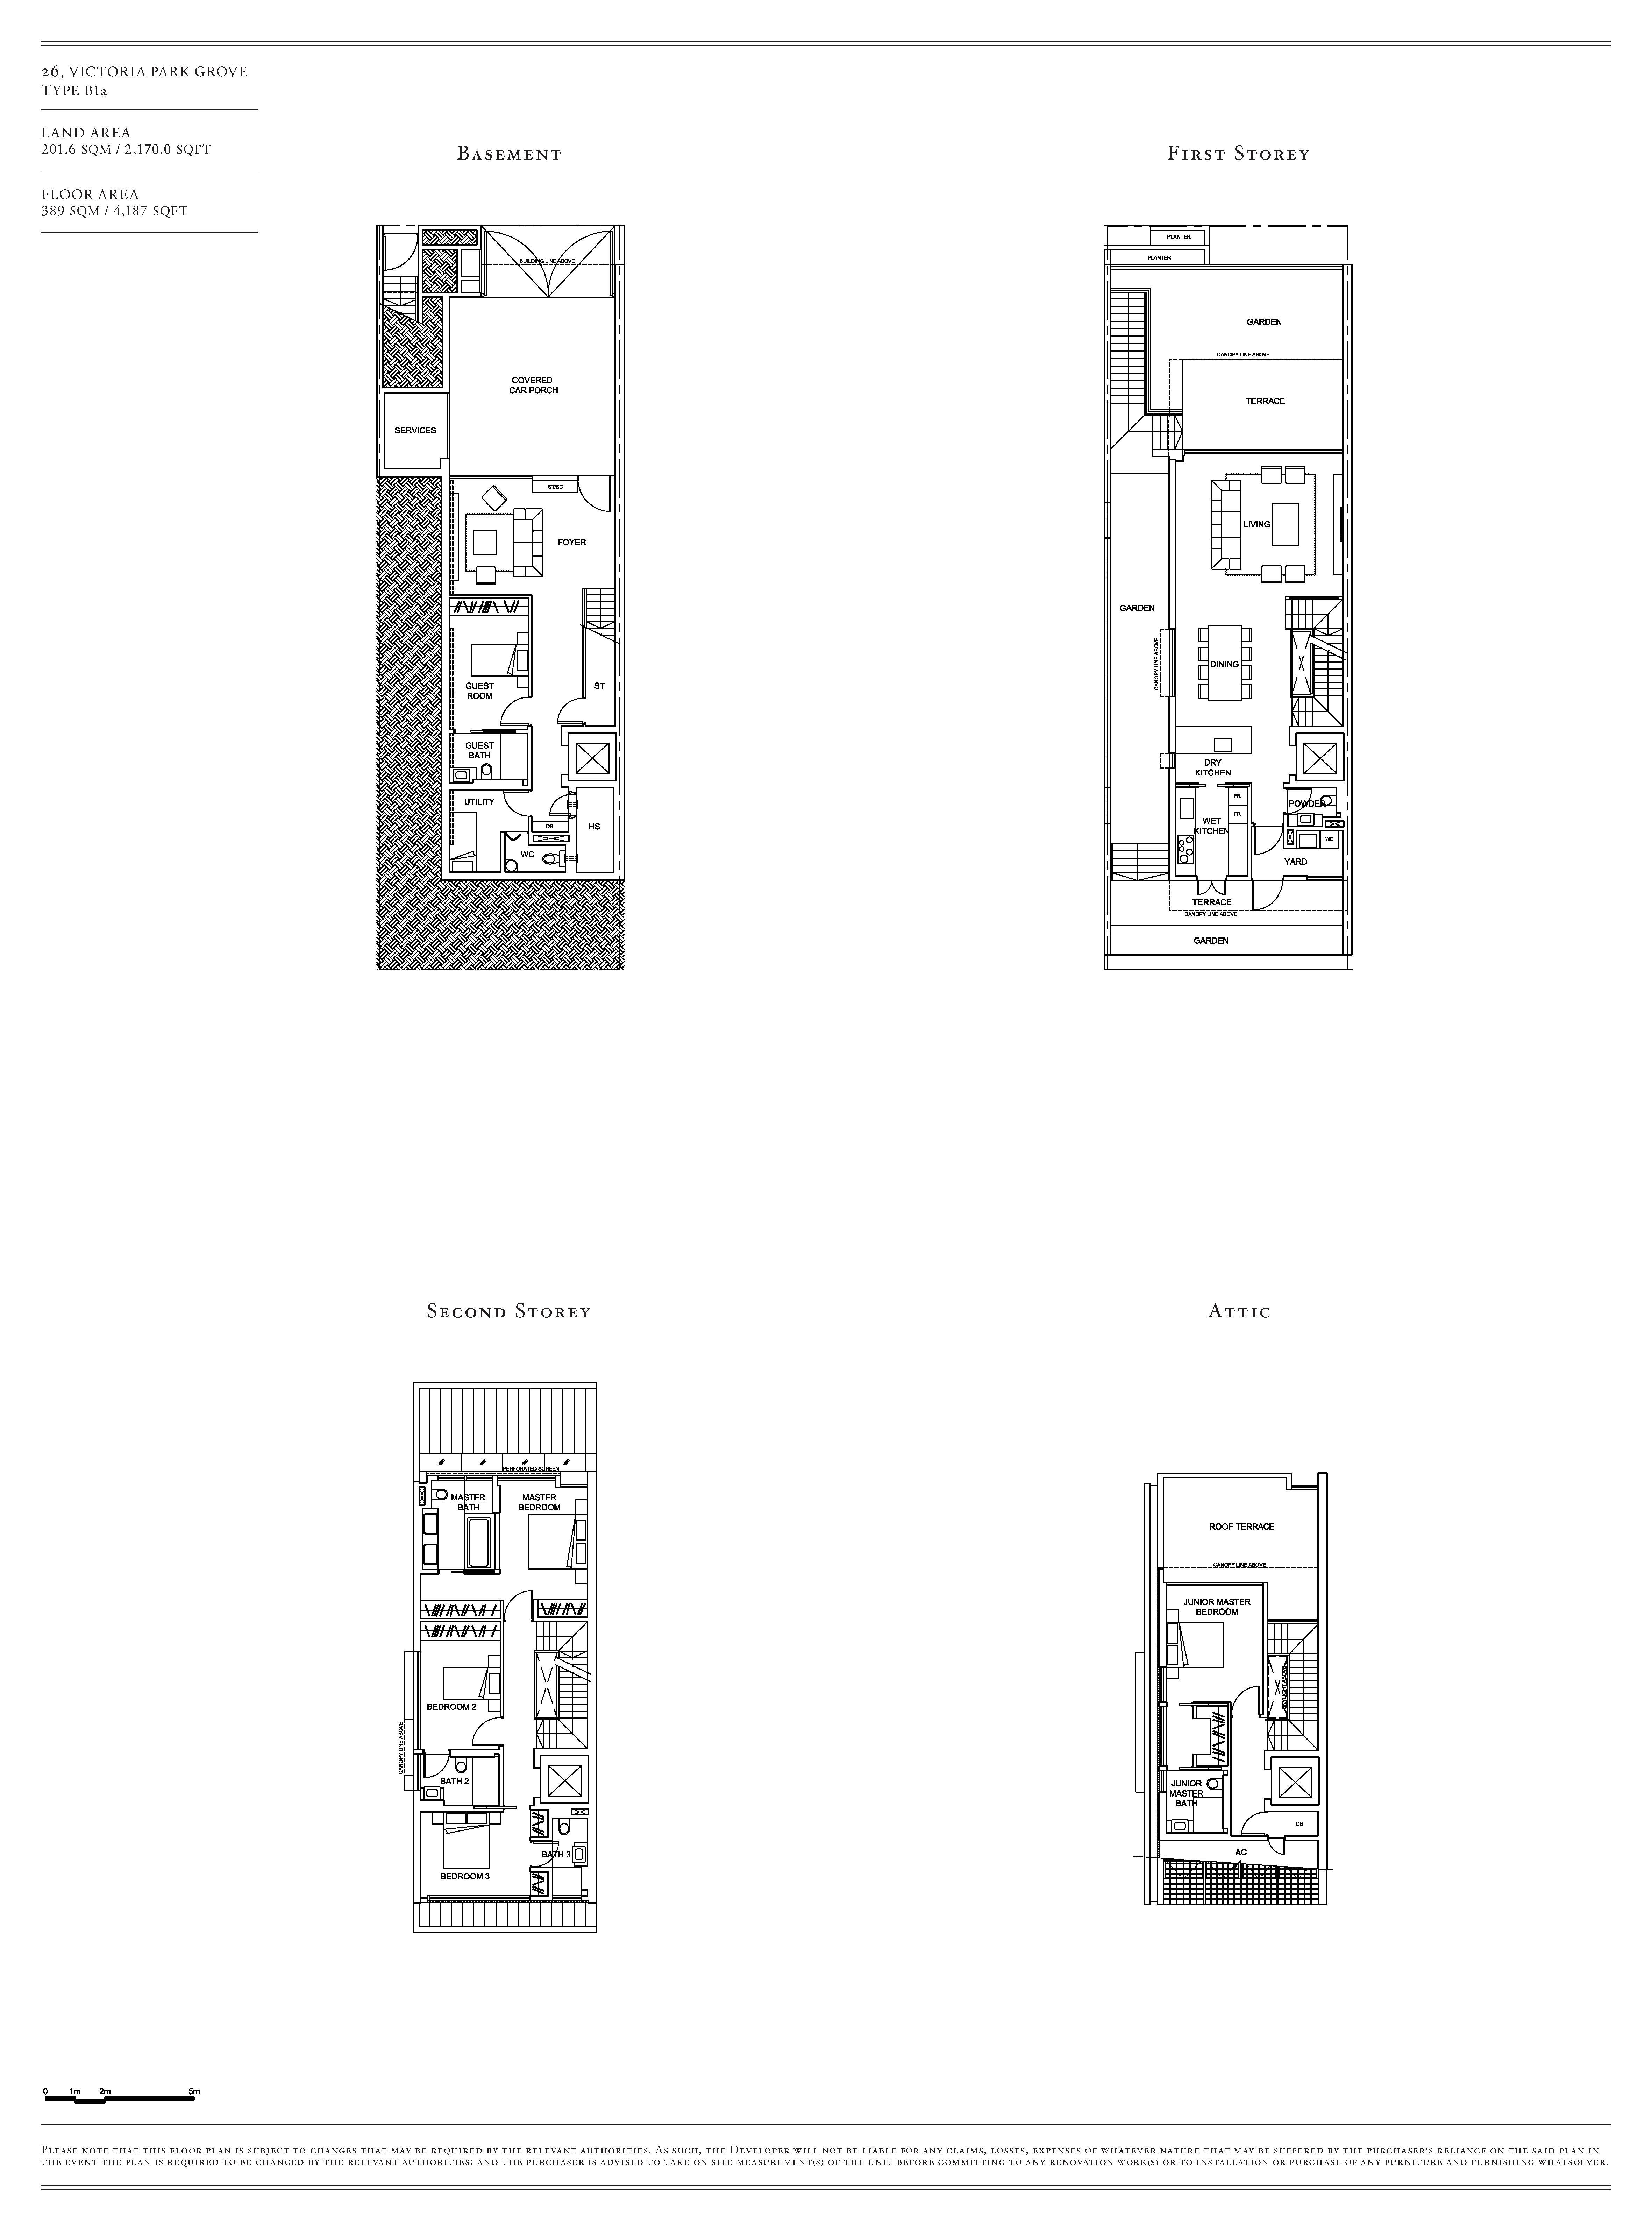 Victoria Park Villas House 26 Type B1a Floor Plans